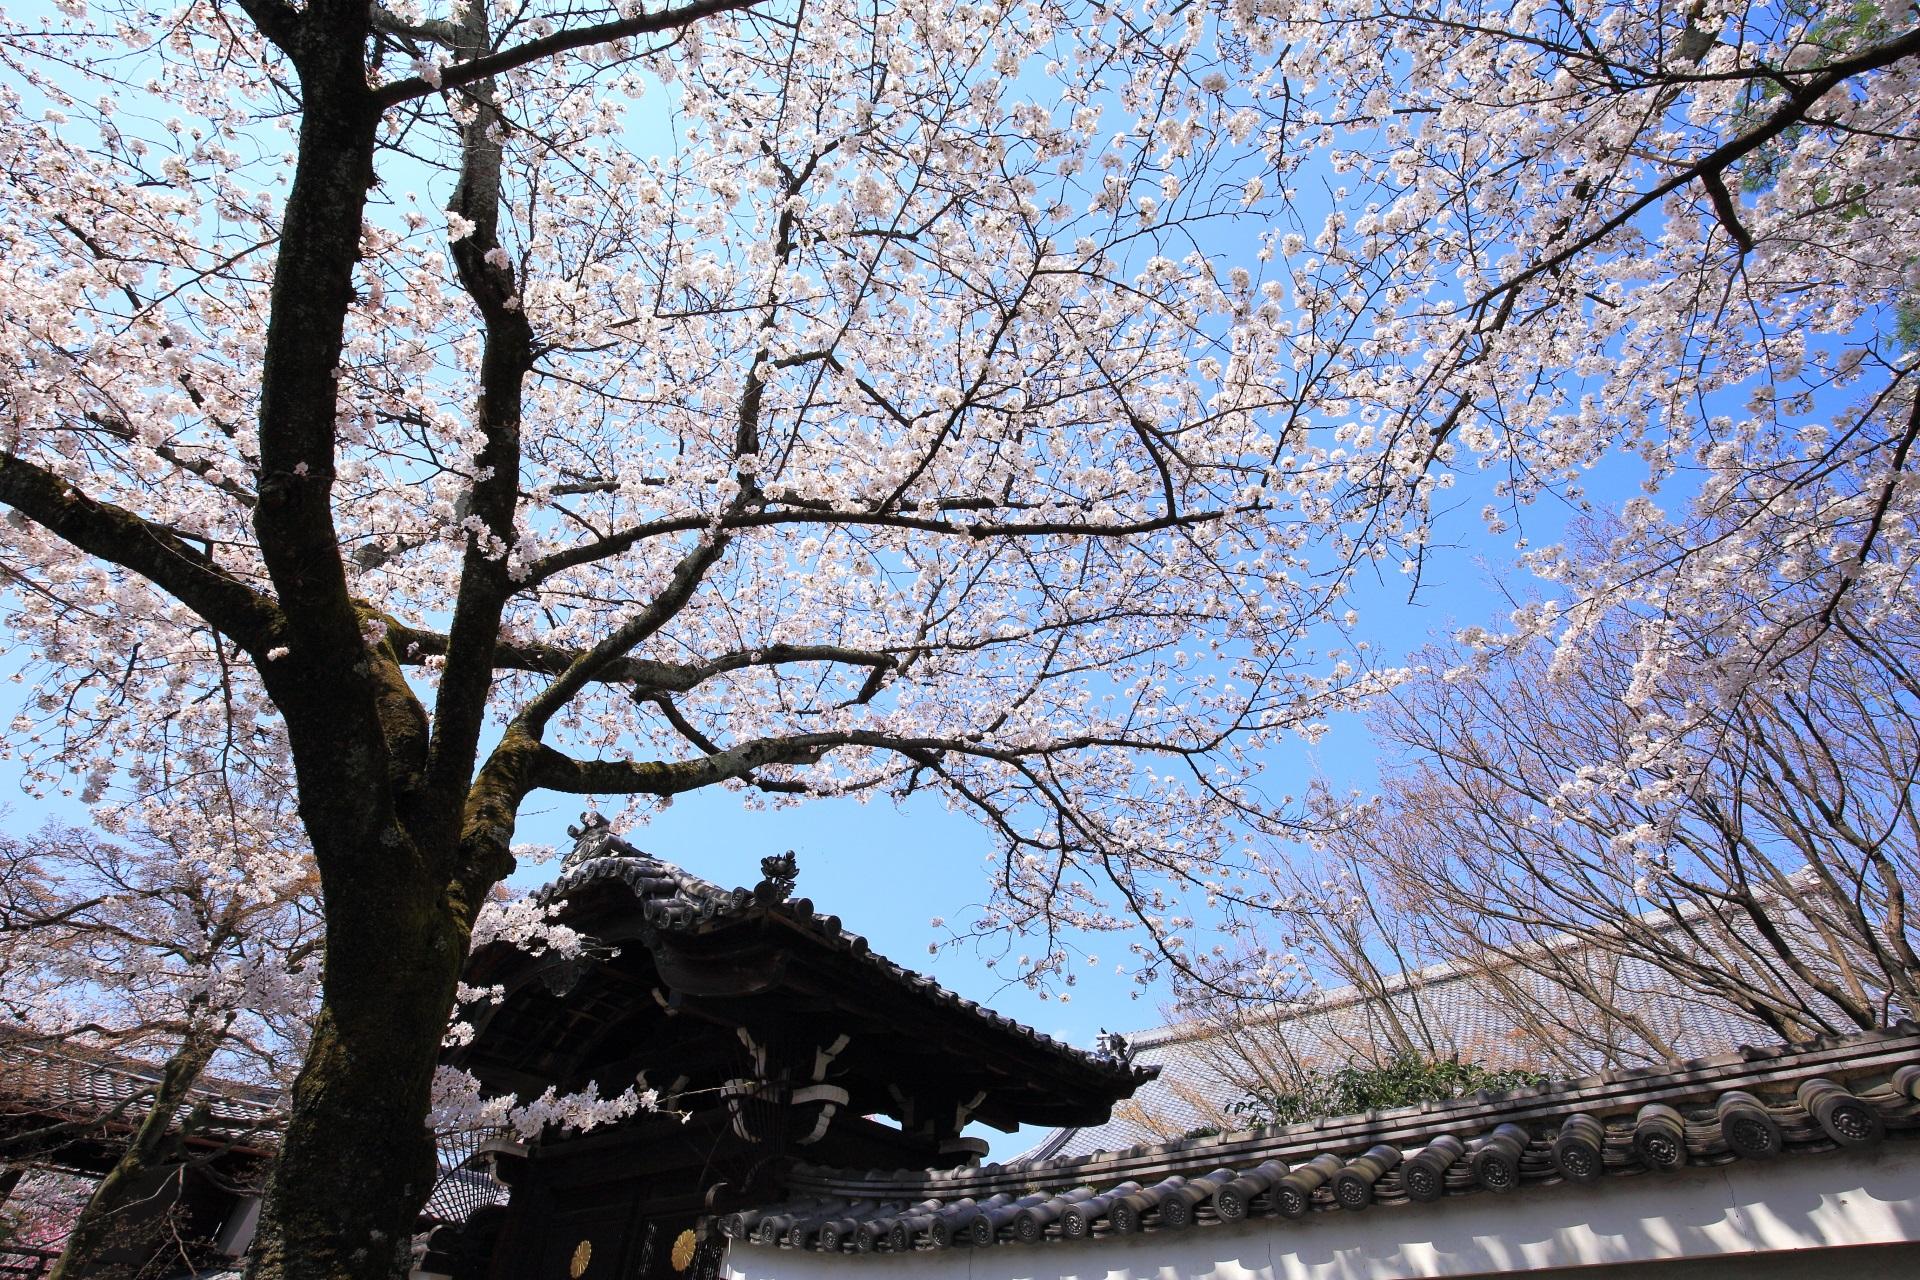 妙顕寺の華やかな春色